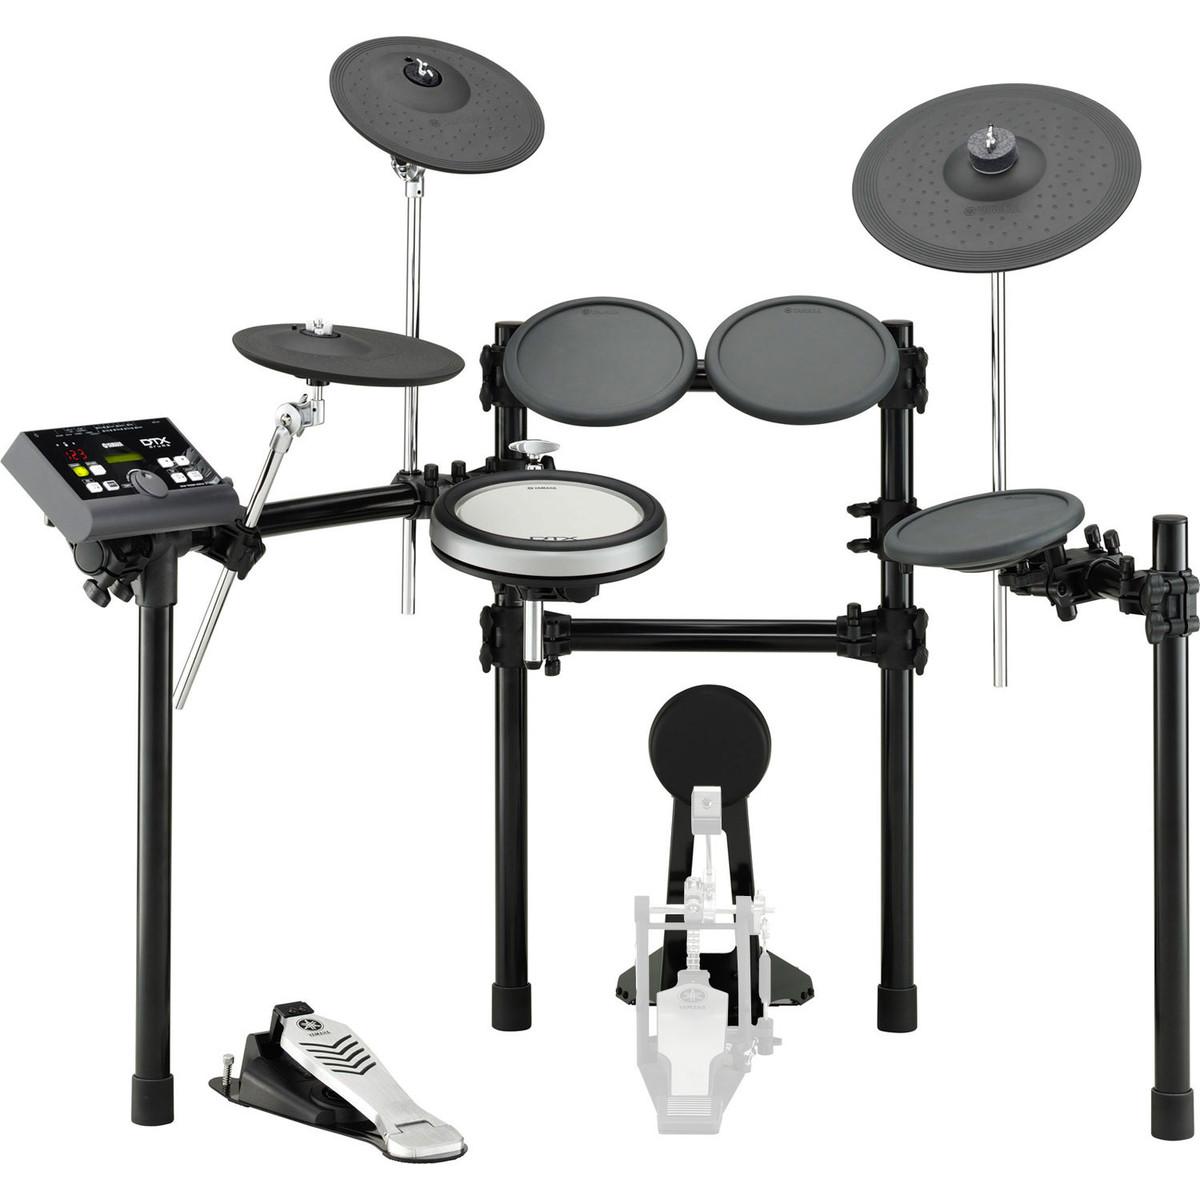 yamaha dtx522k electronic drum kit at. Black Bedroom Furniture Sets. Home Design Ideas